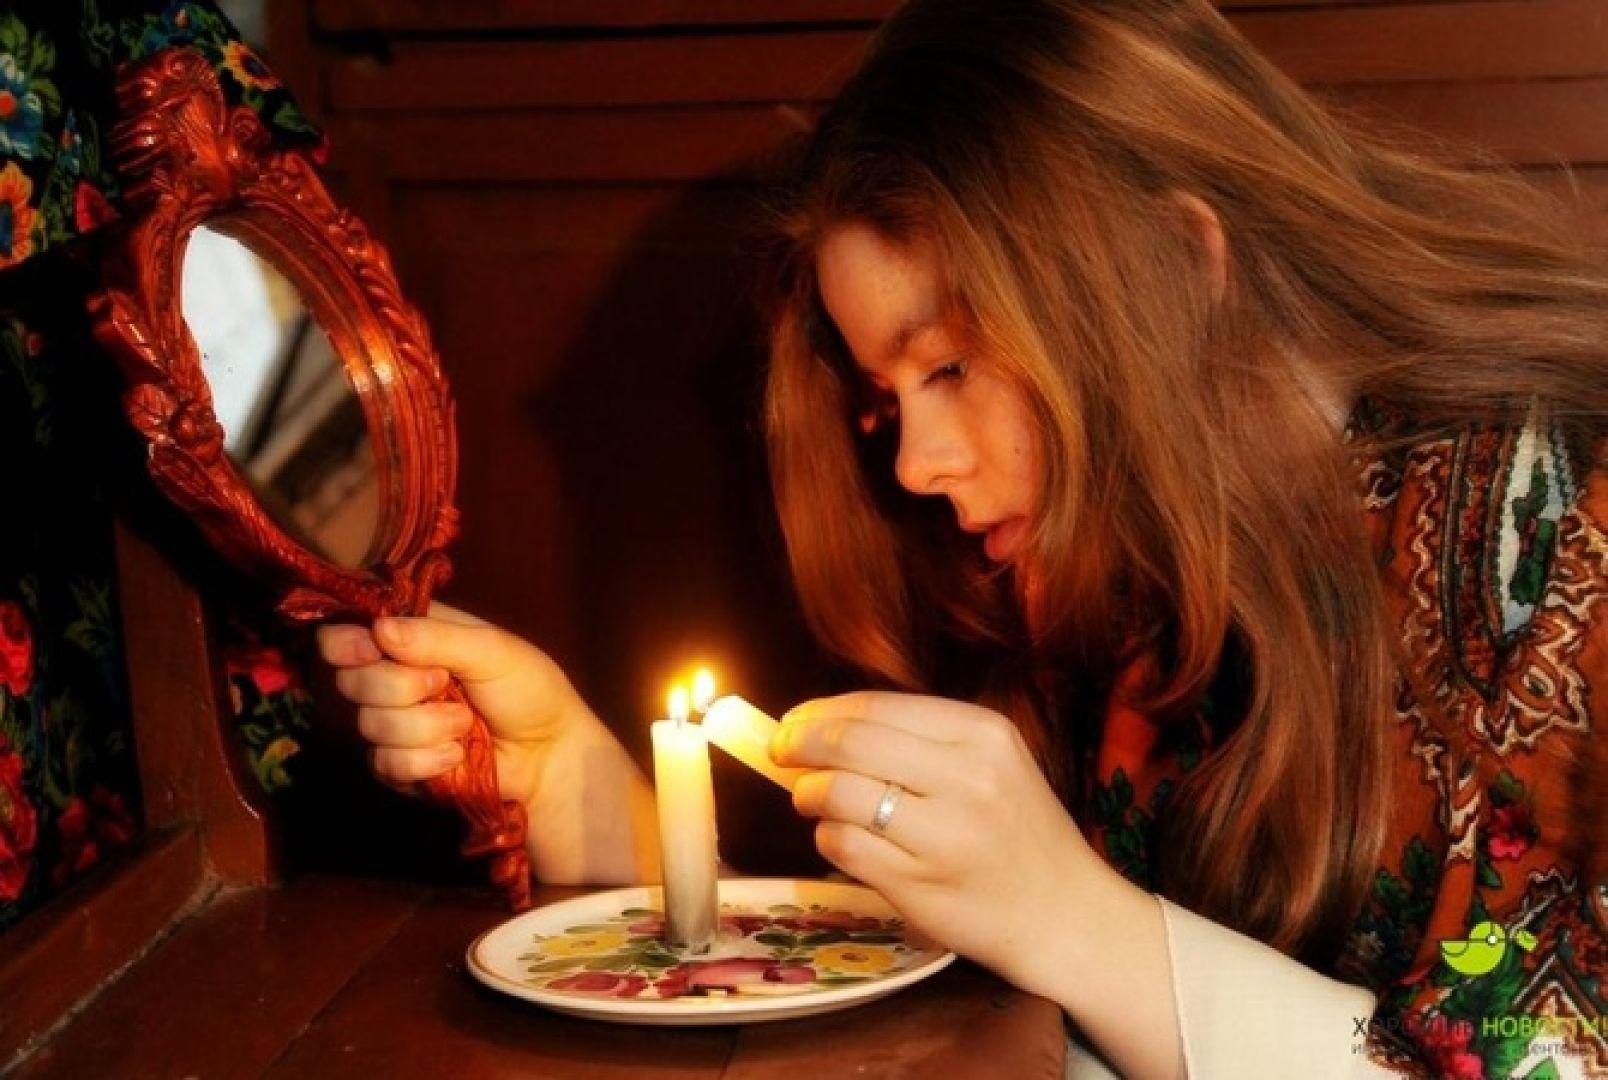 Приворот на дружбу: кто сказал что не работает? читать 3 ритуала 51